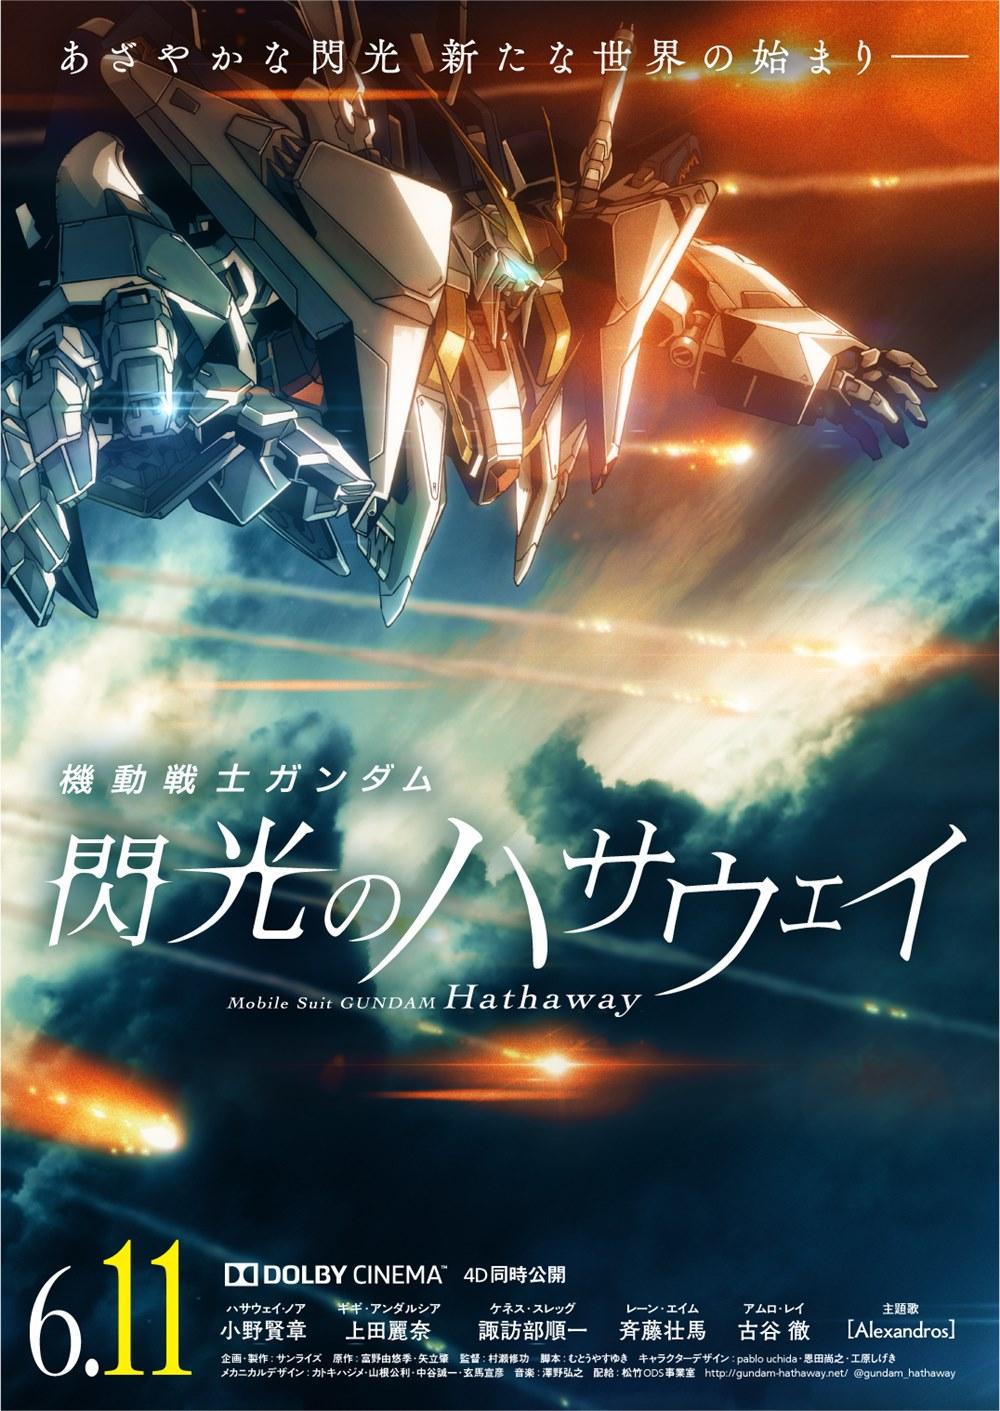 【画像】映画『機動戦士ガンダム 閃光のハサウェイ』ポスタービジュアル